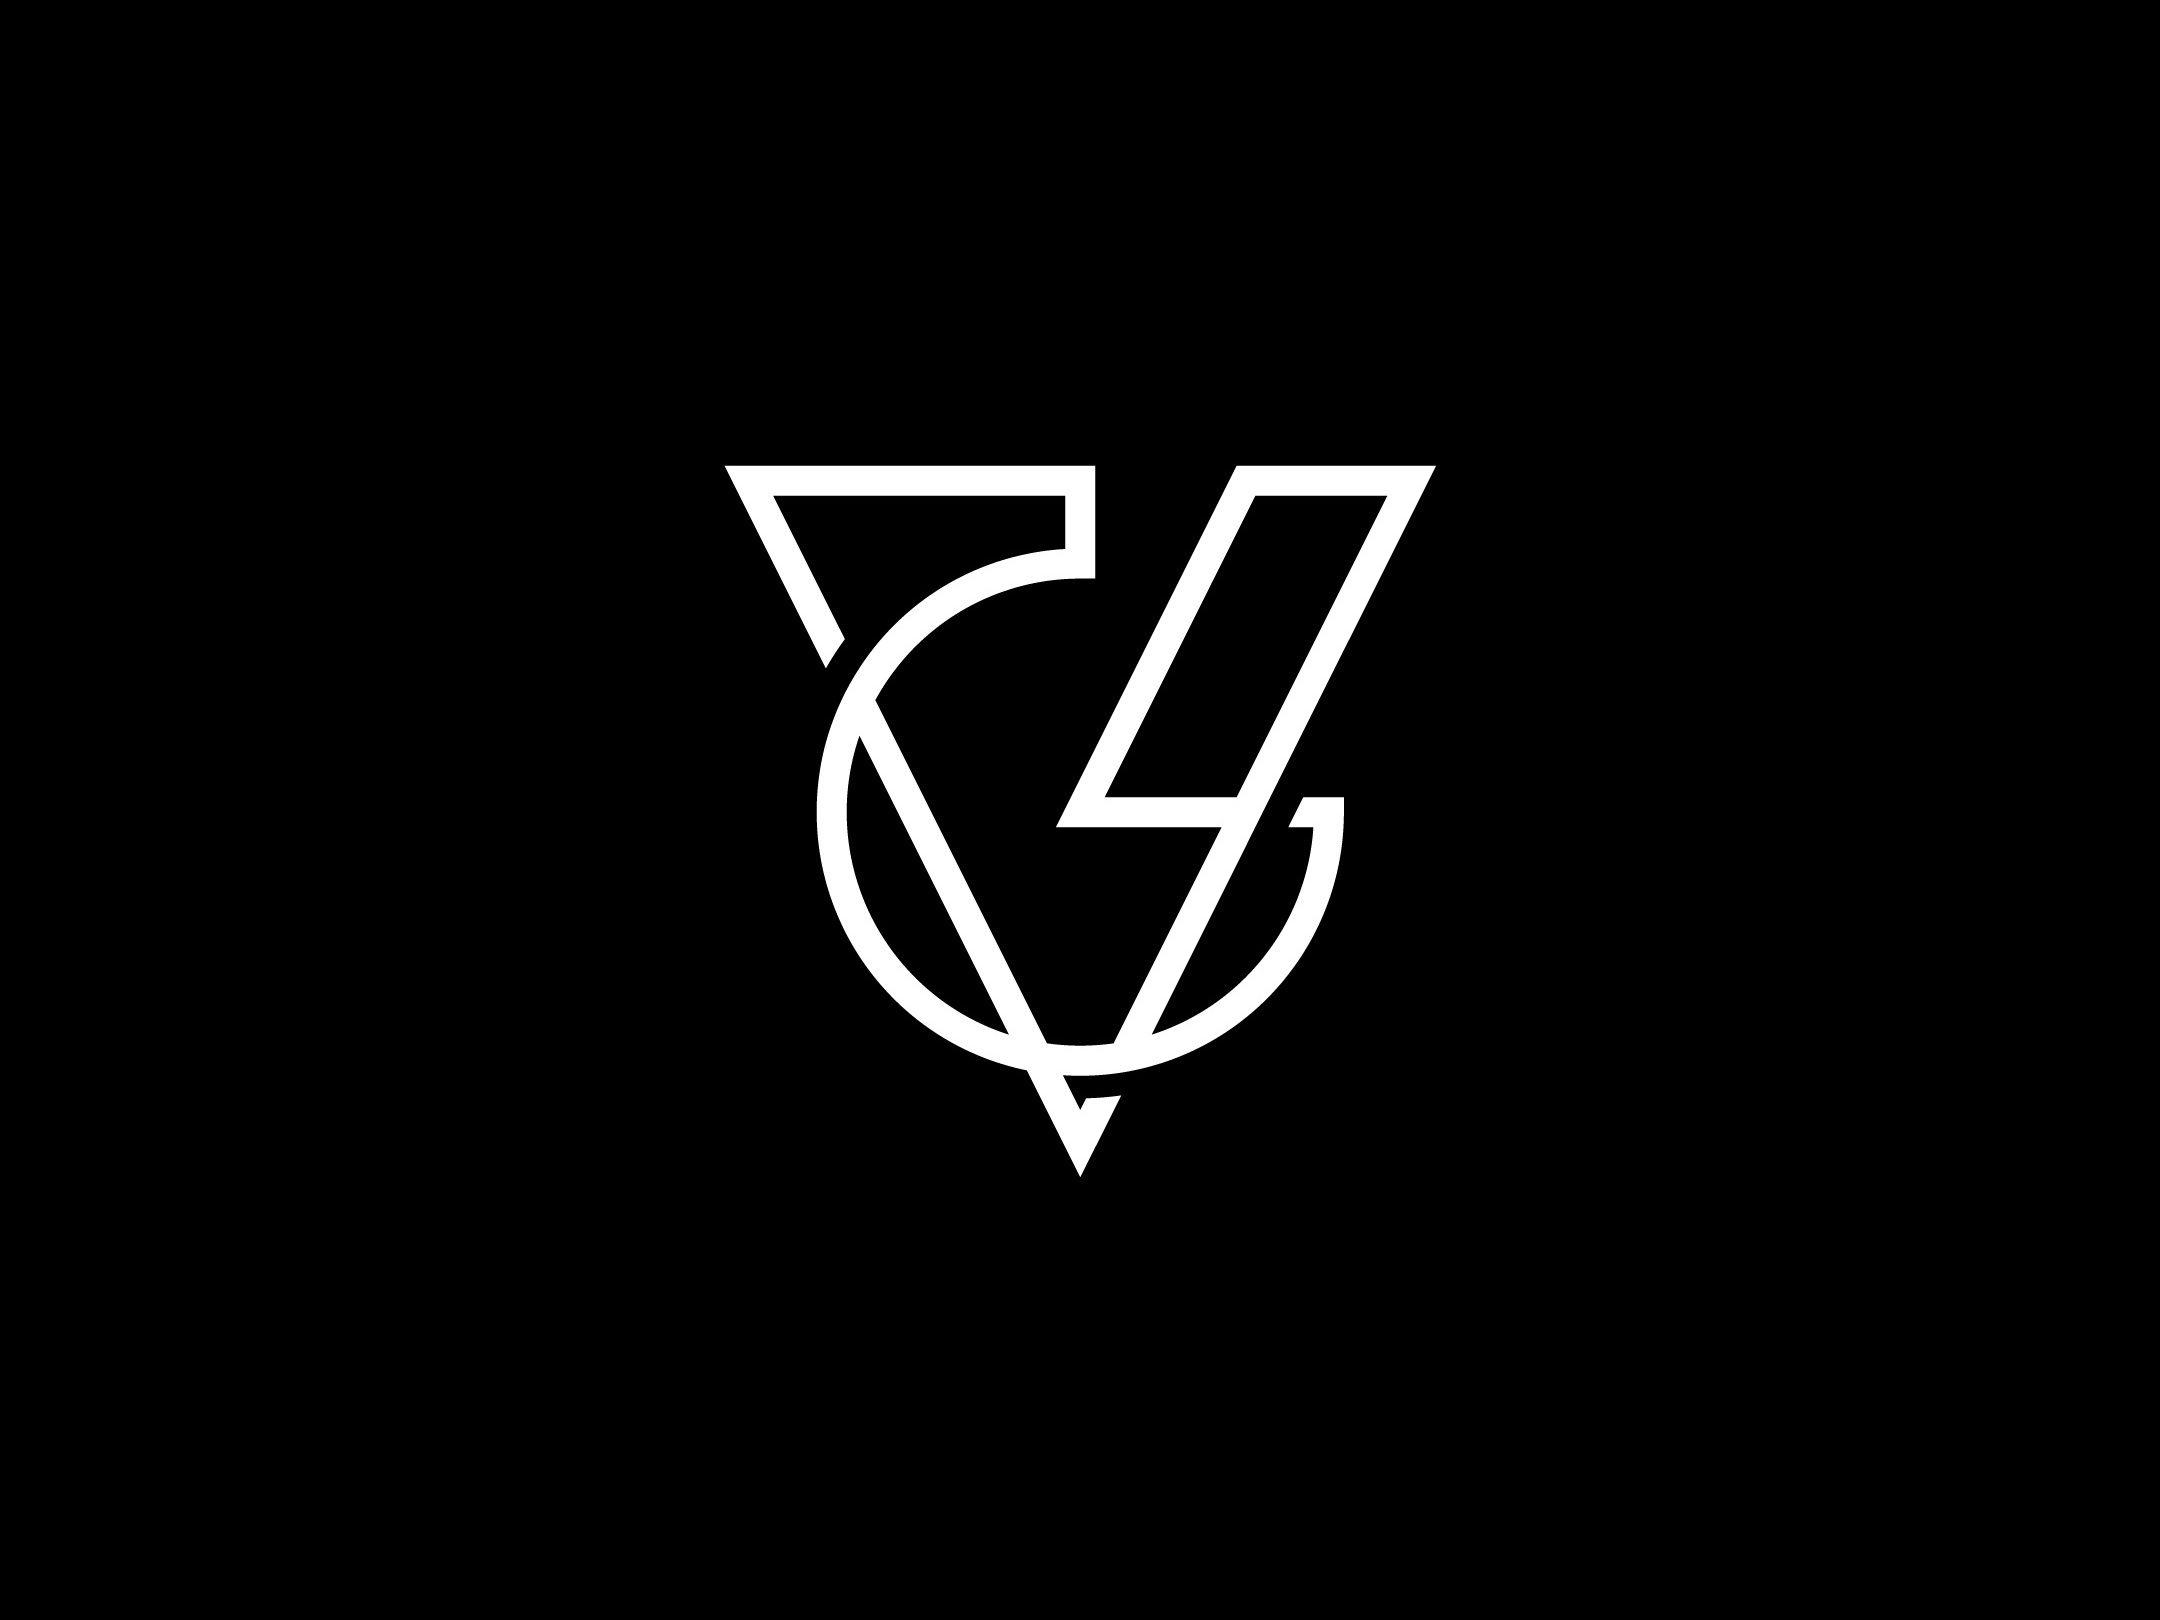 Gv Monogram Letter Logo Design V Logo Design Logo Design